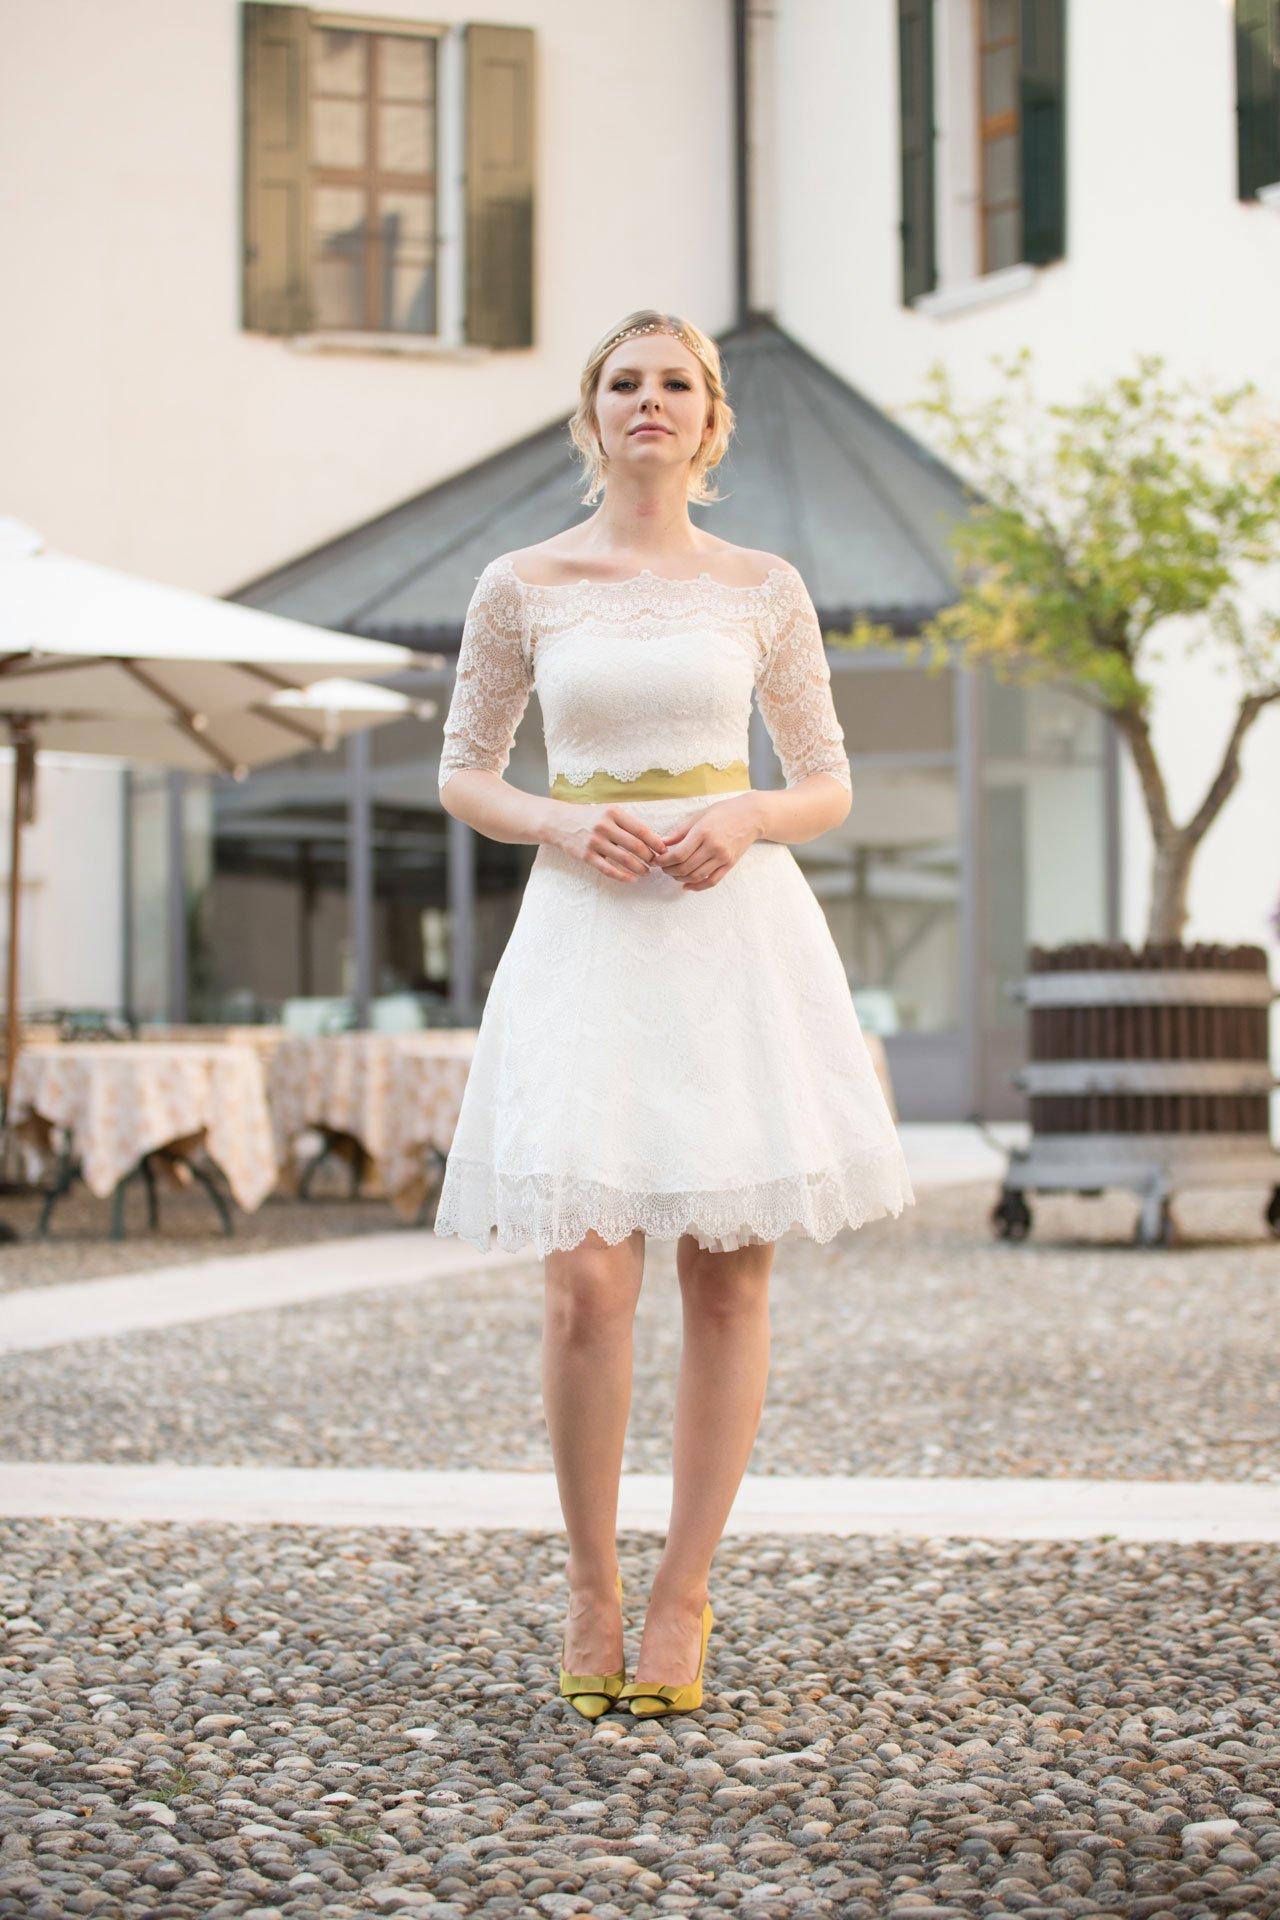 Tolle Zweites Mal Brautkleid Zeitgenössisch - Hochzeit Kleid Stile ...